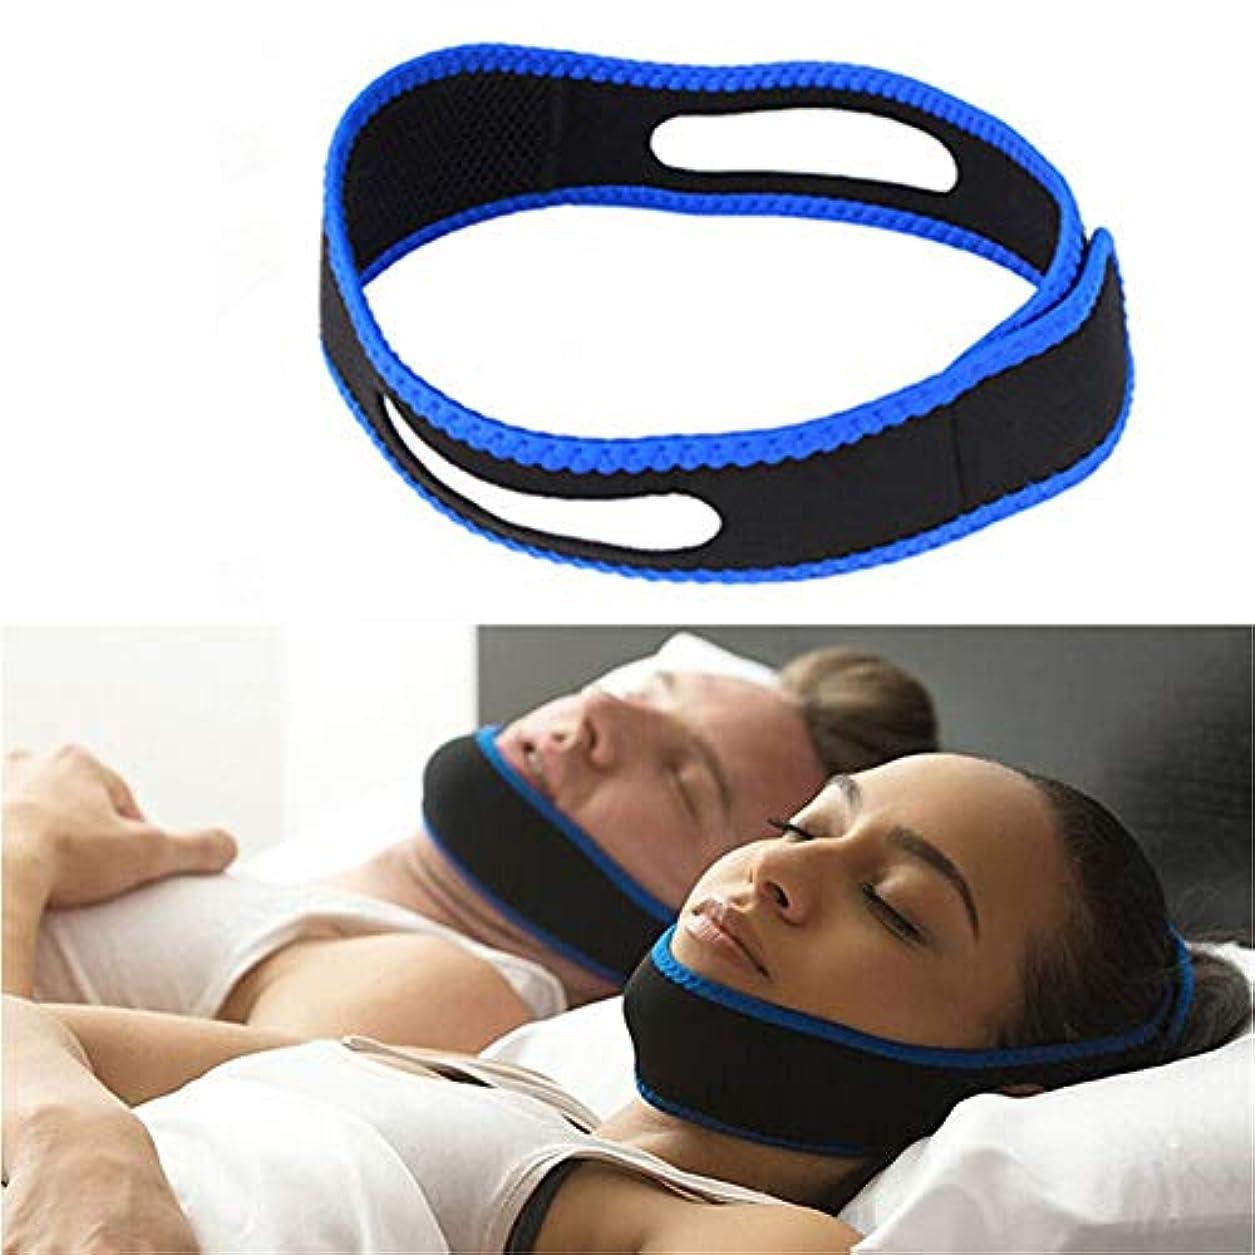 うまくいけば苦難重要性Angzhili いびき軽減グッズ いびき防止装置 いびき対策グッズ 睡眠補助 快眠サポーター 肌に優しい サイズ調整可能 男女兼用